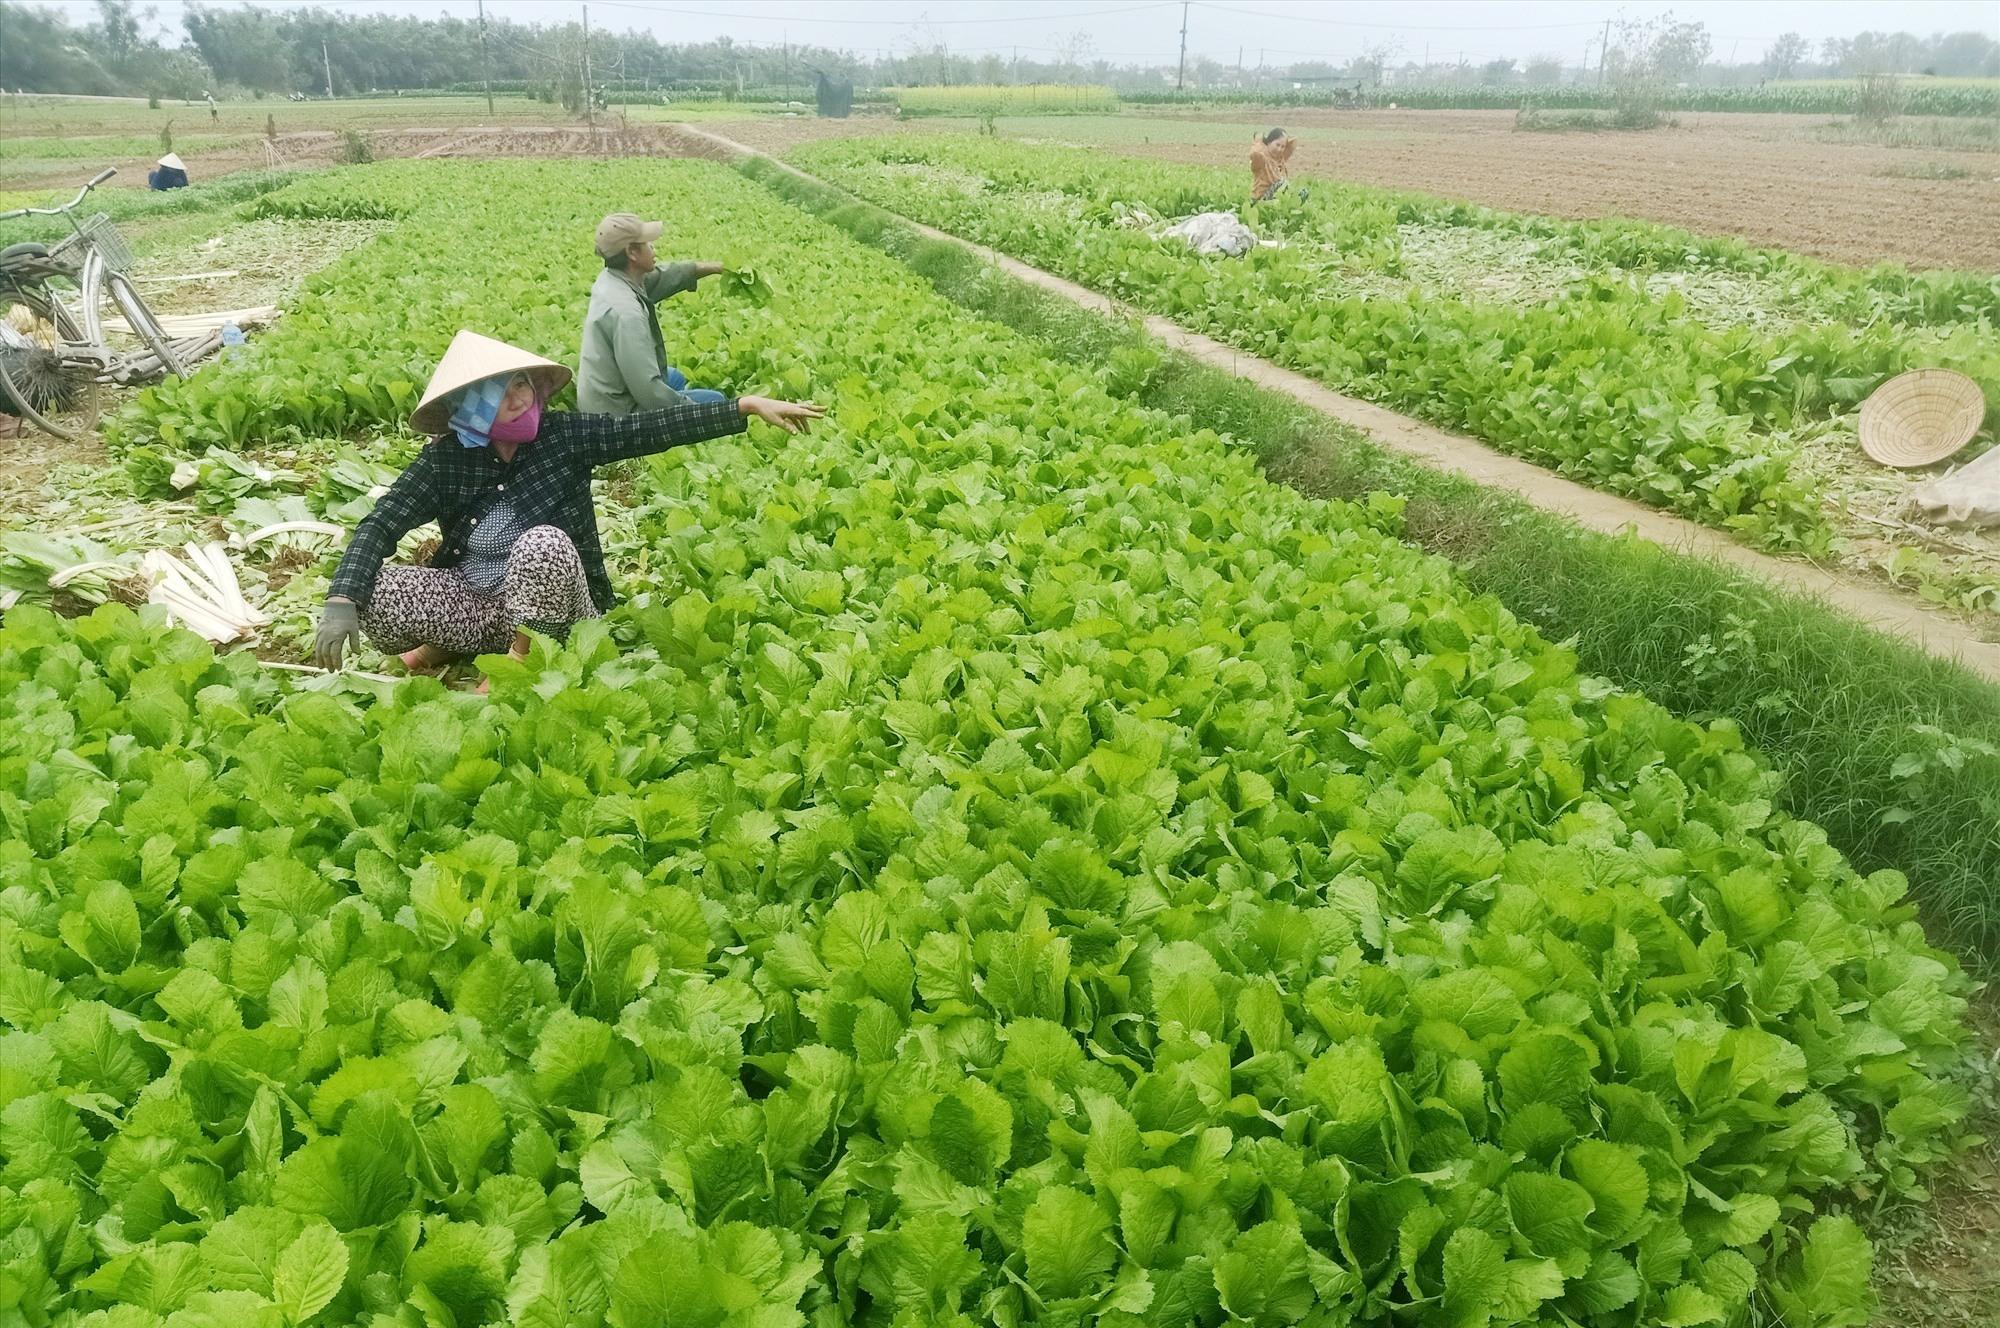 Nhiều nông dân không mặn mà thu hoạch cải xanh bởi giá quá thấp. Ảnh: HOÀNG LIÊN